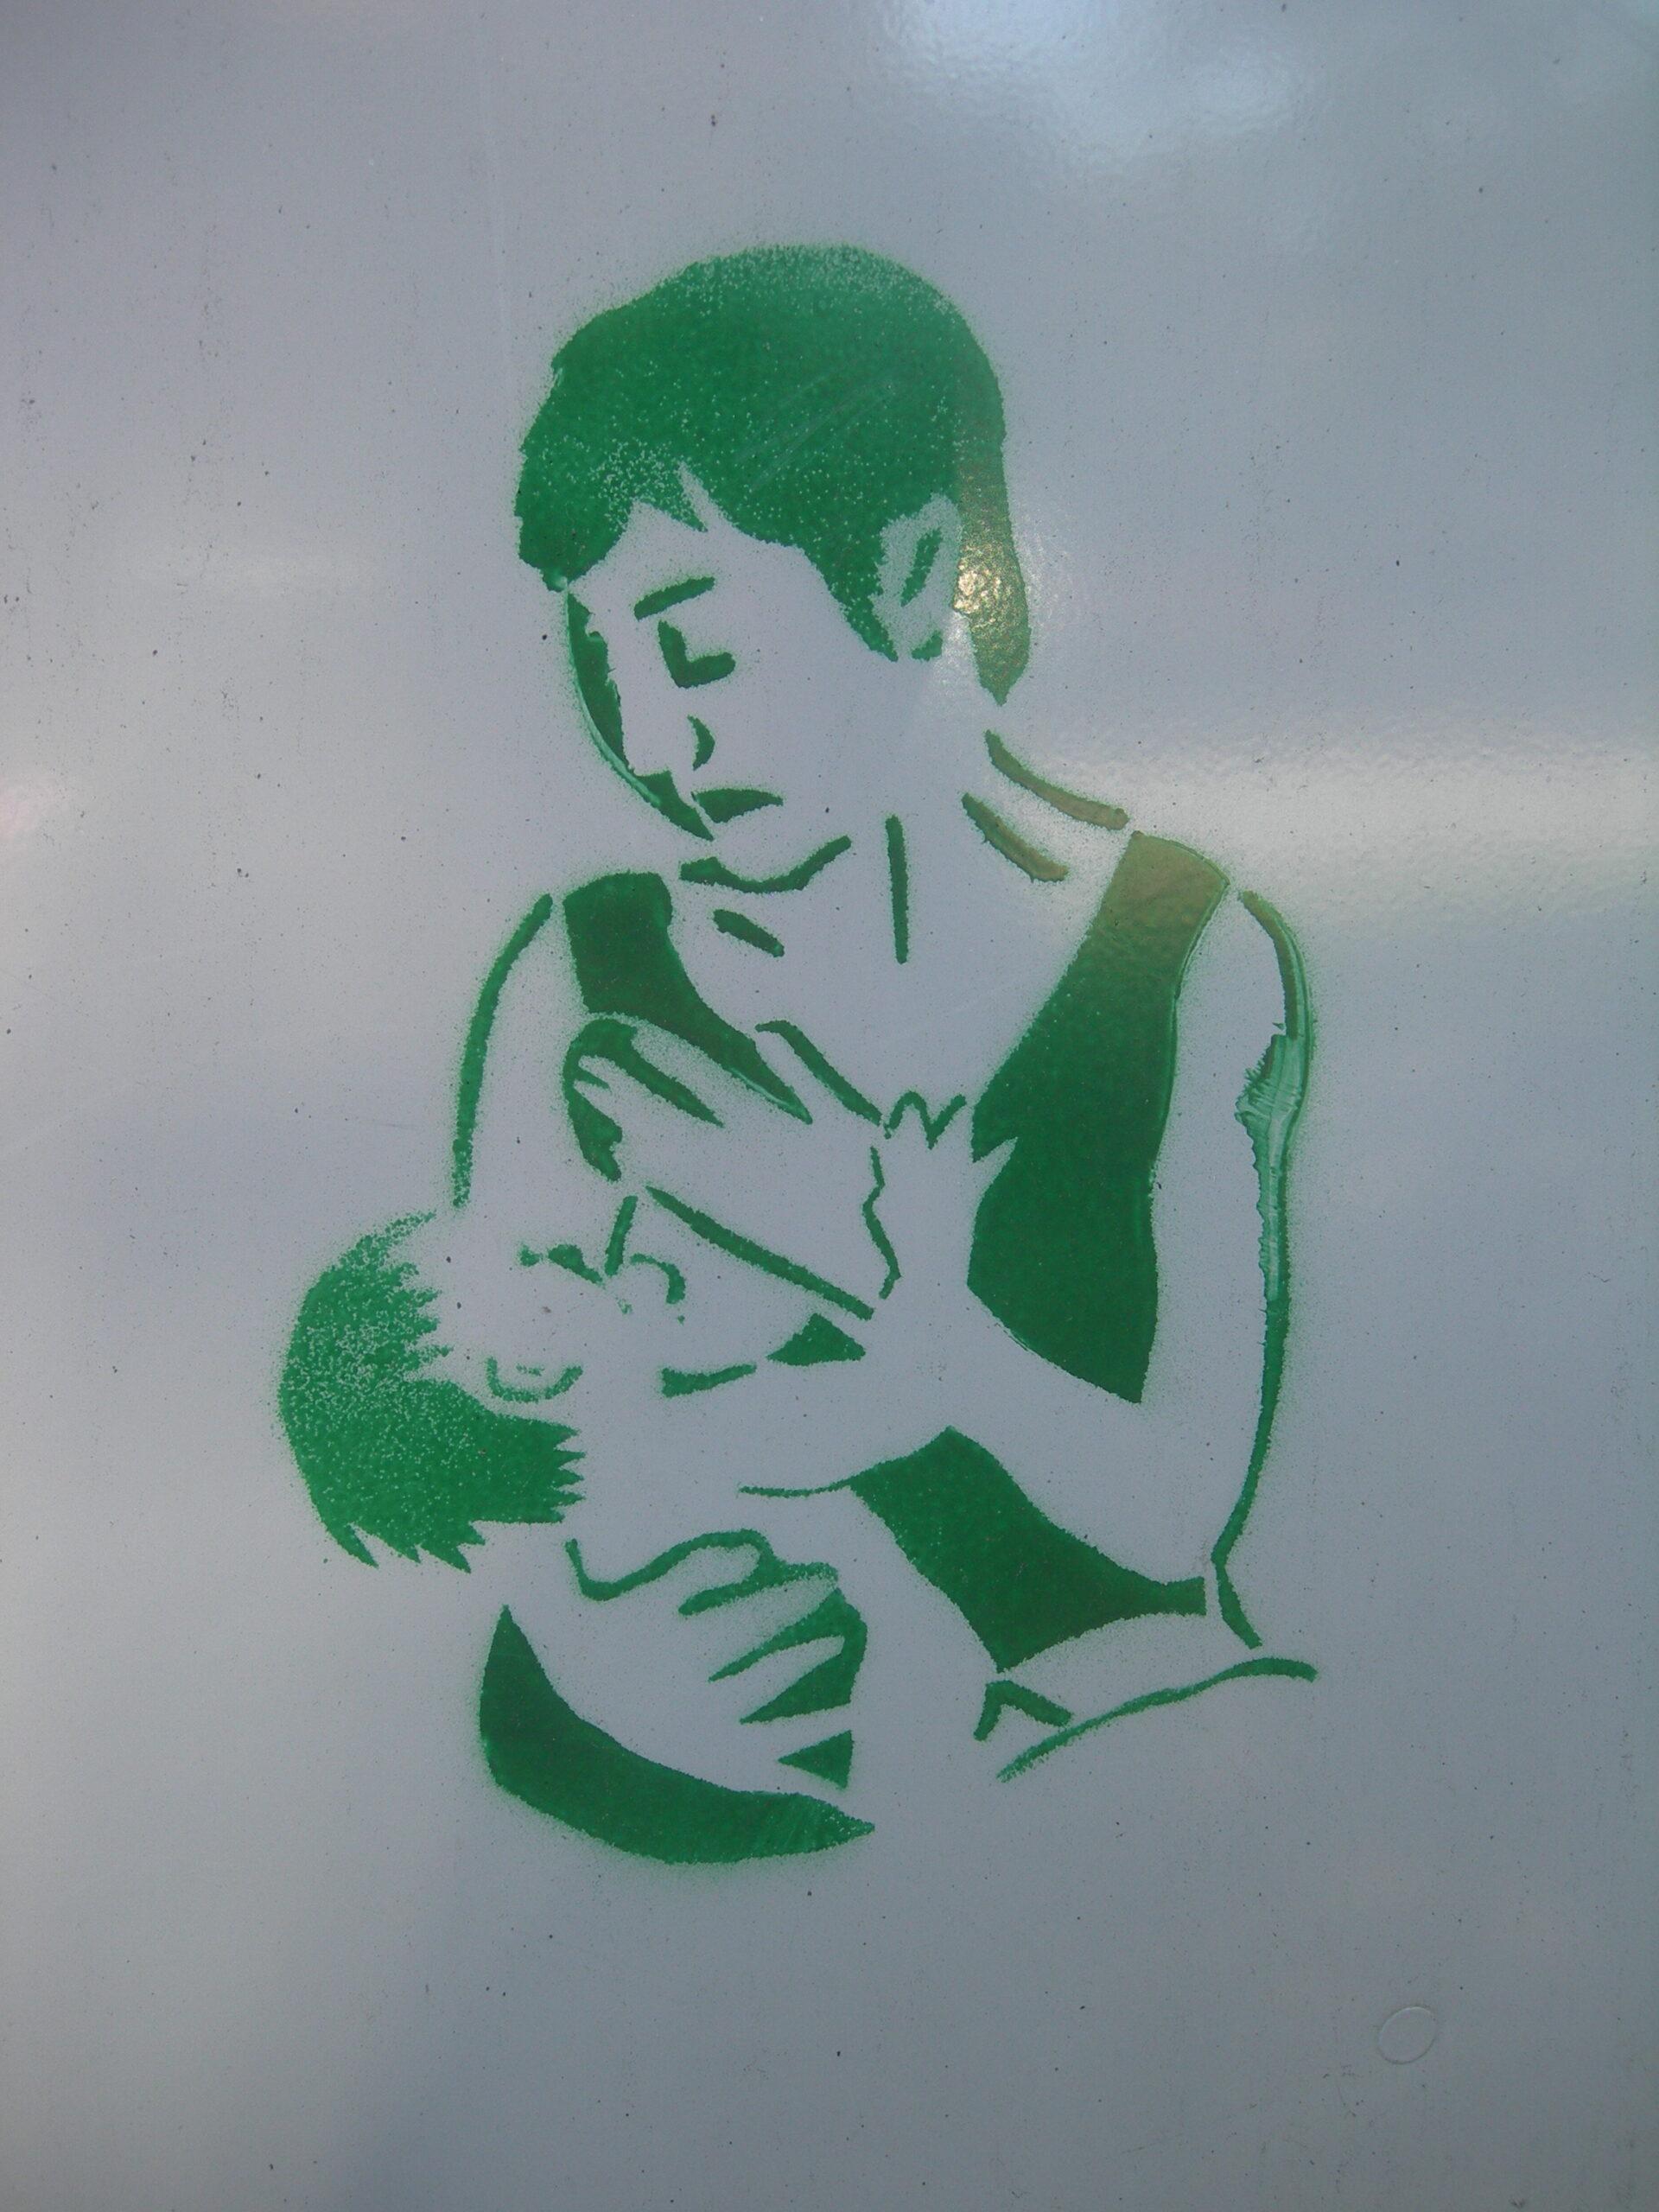 Breastfeeding shaming needs to stop